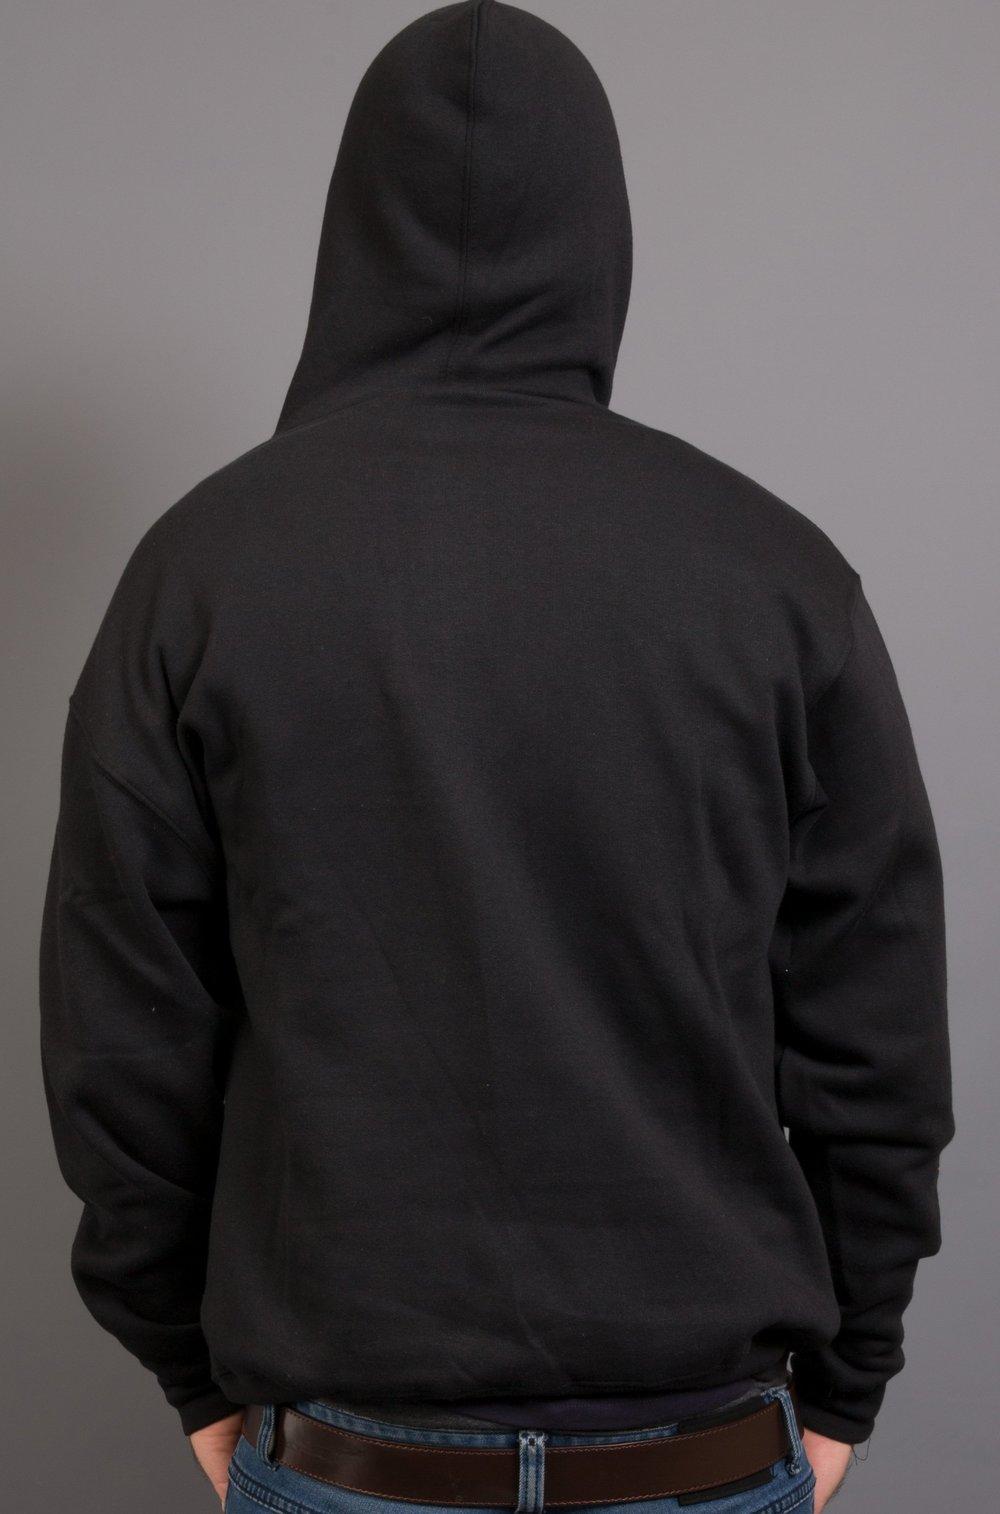 black-hoodie-back.jpg